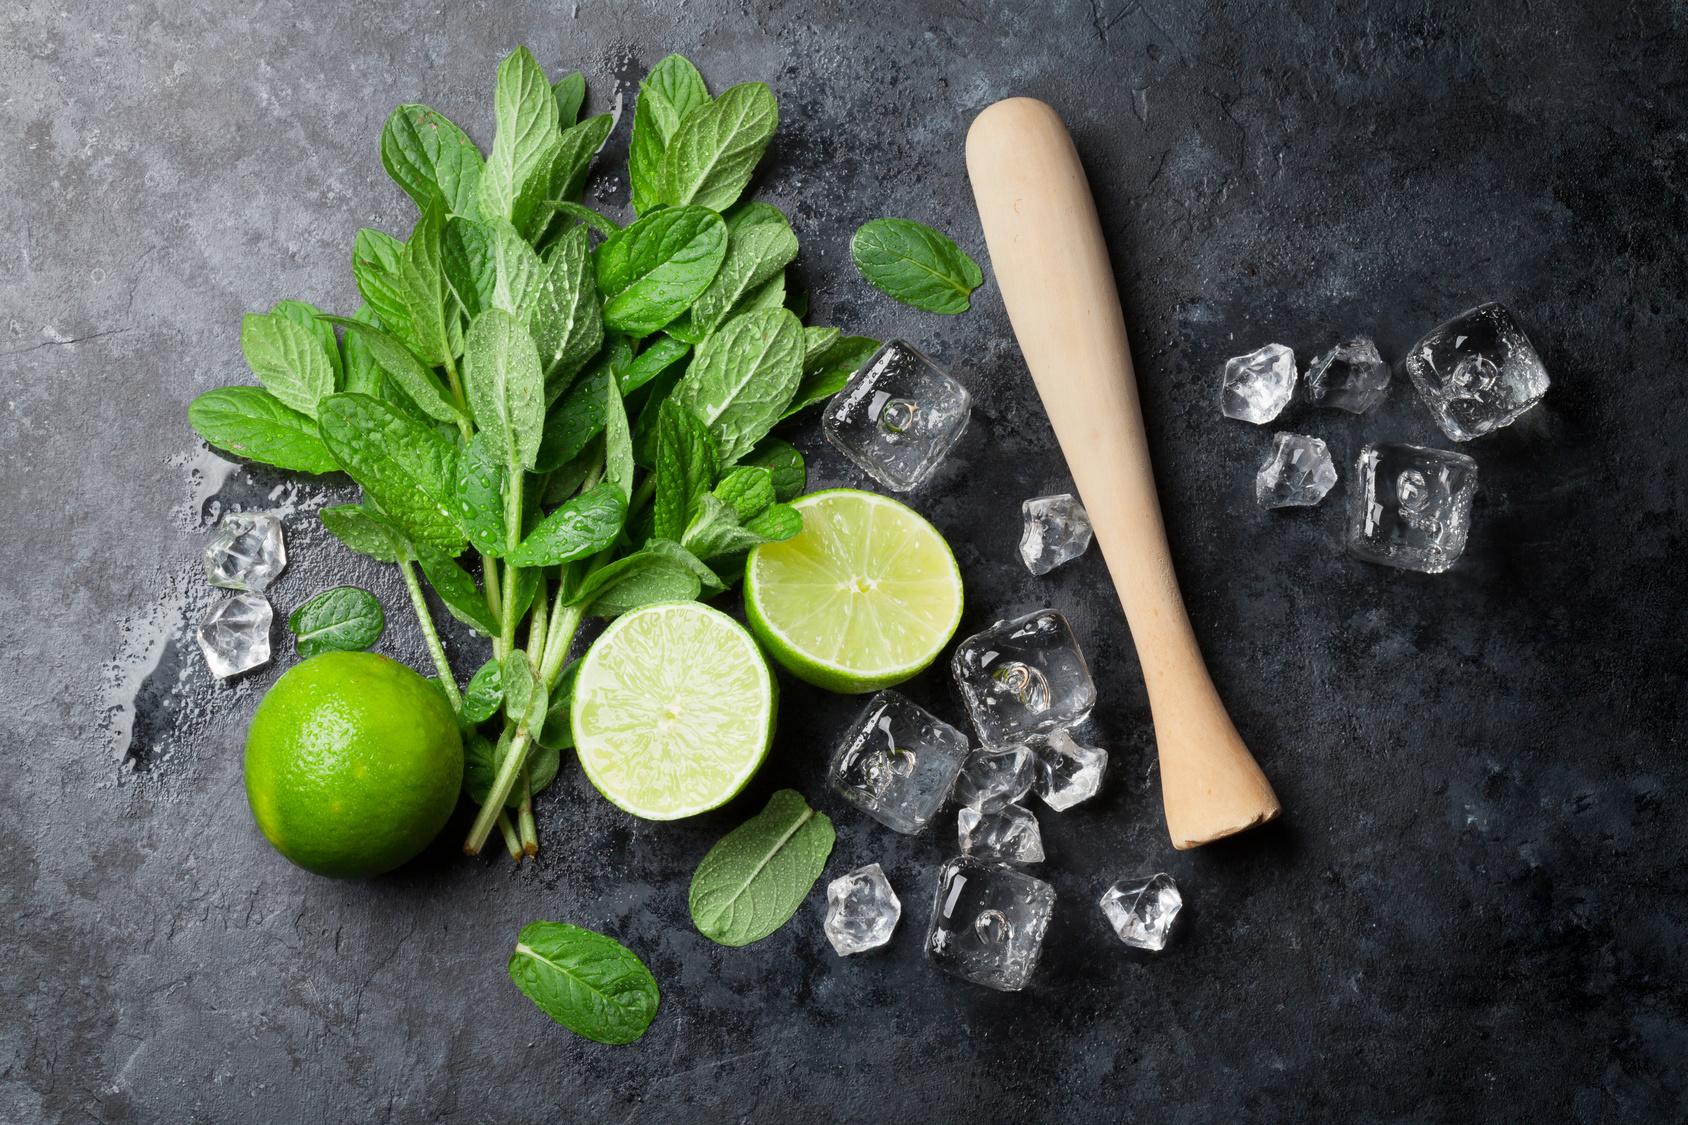 składniki na mohito, skladniki na mojito, jak zrobic mohito, jak zrobic mojito, mohito, mojito